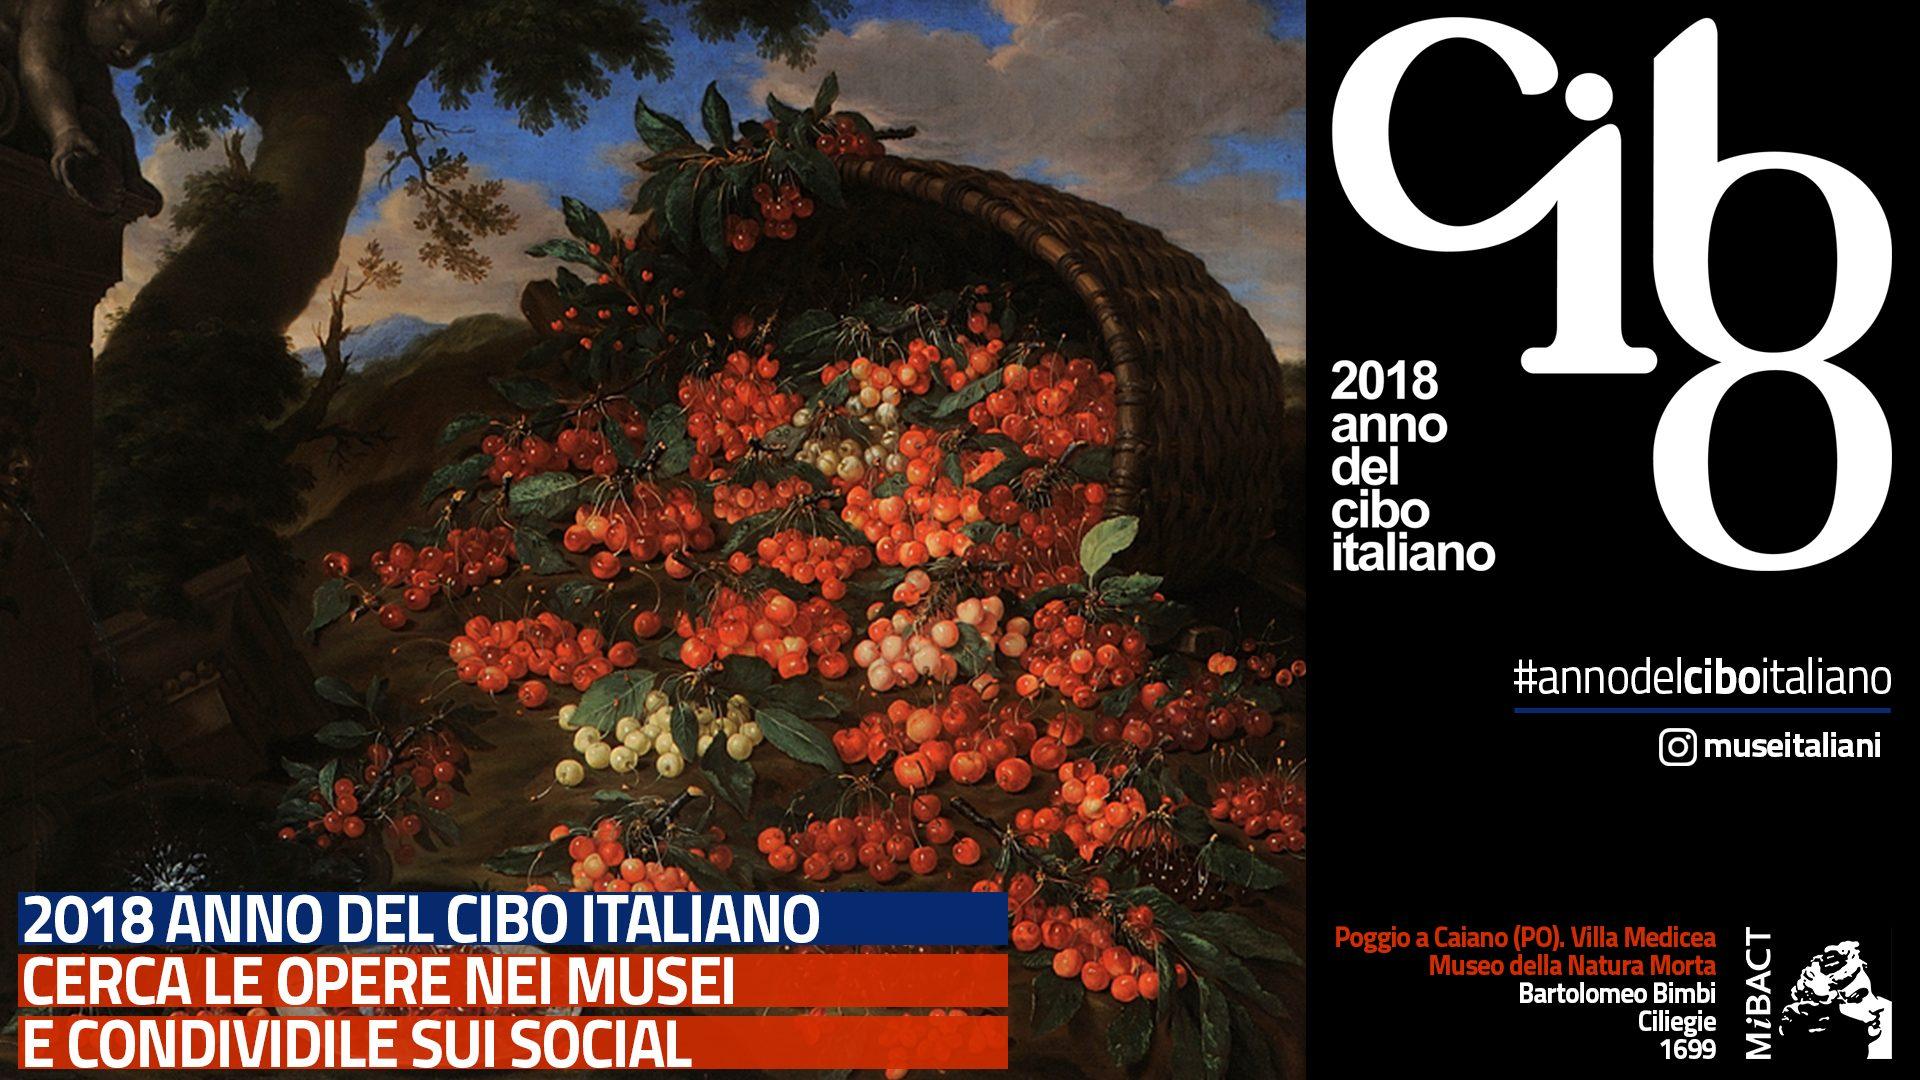 2018-anno-del-cibo_poggioachiaiano-1920x1080